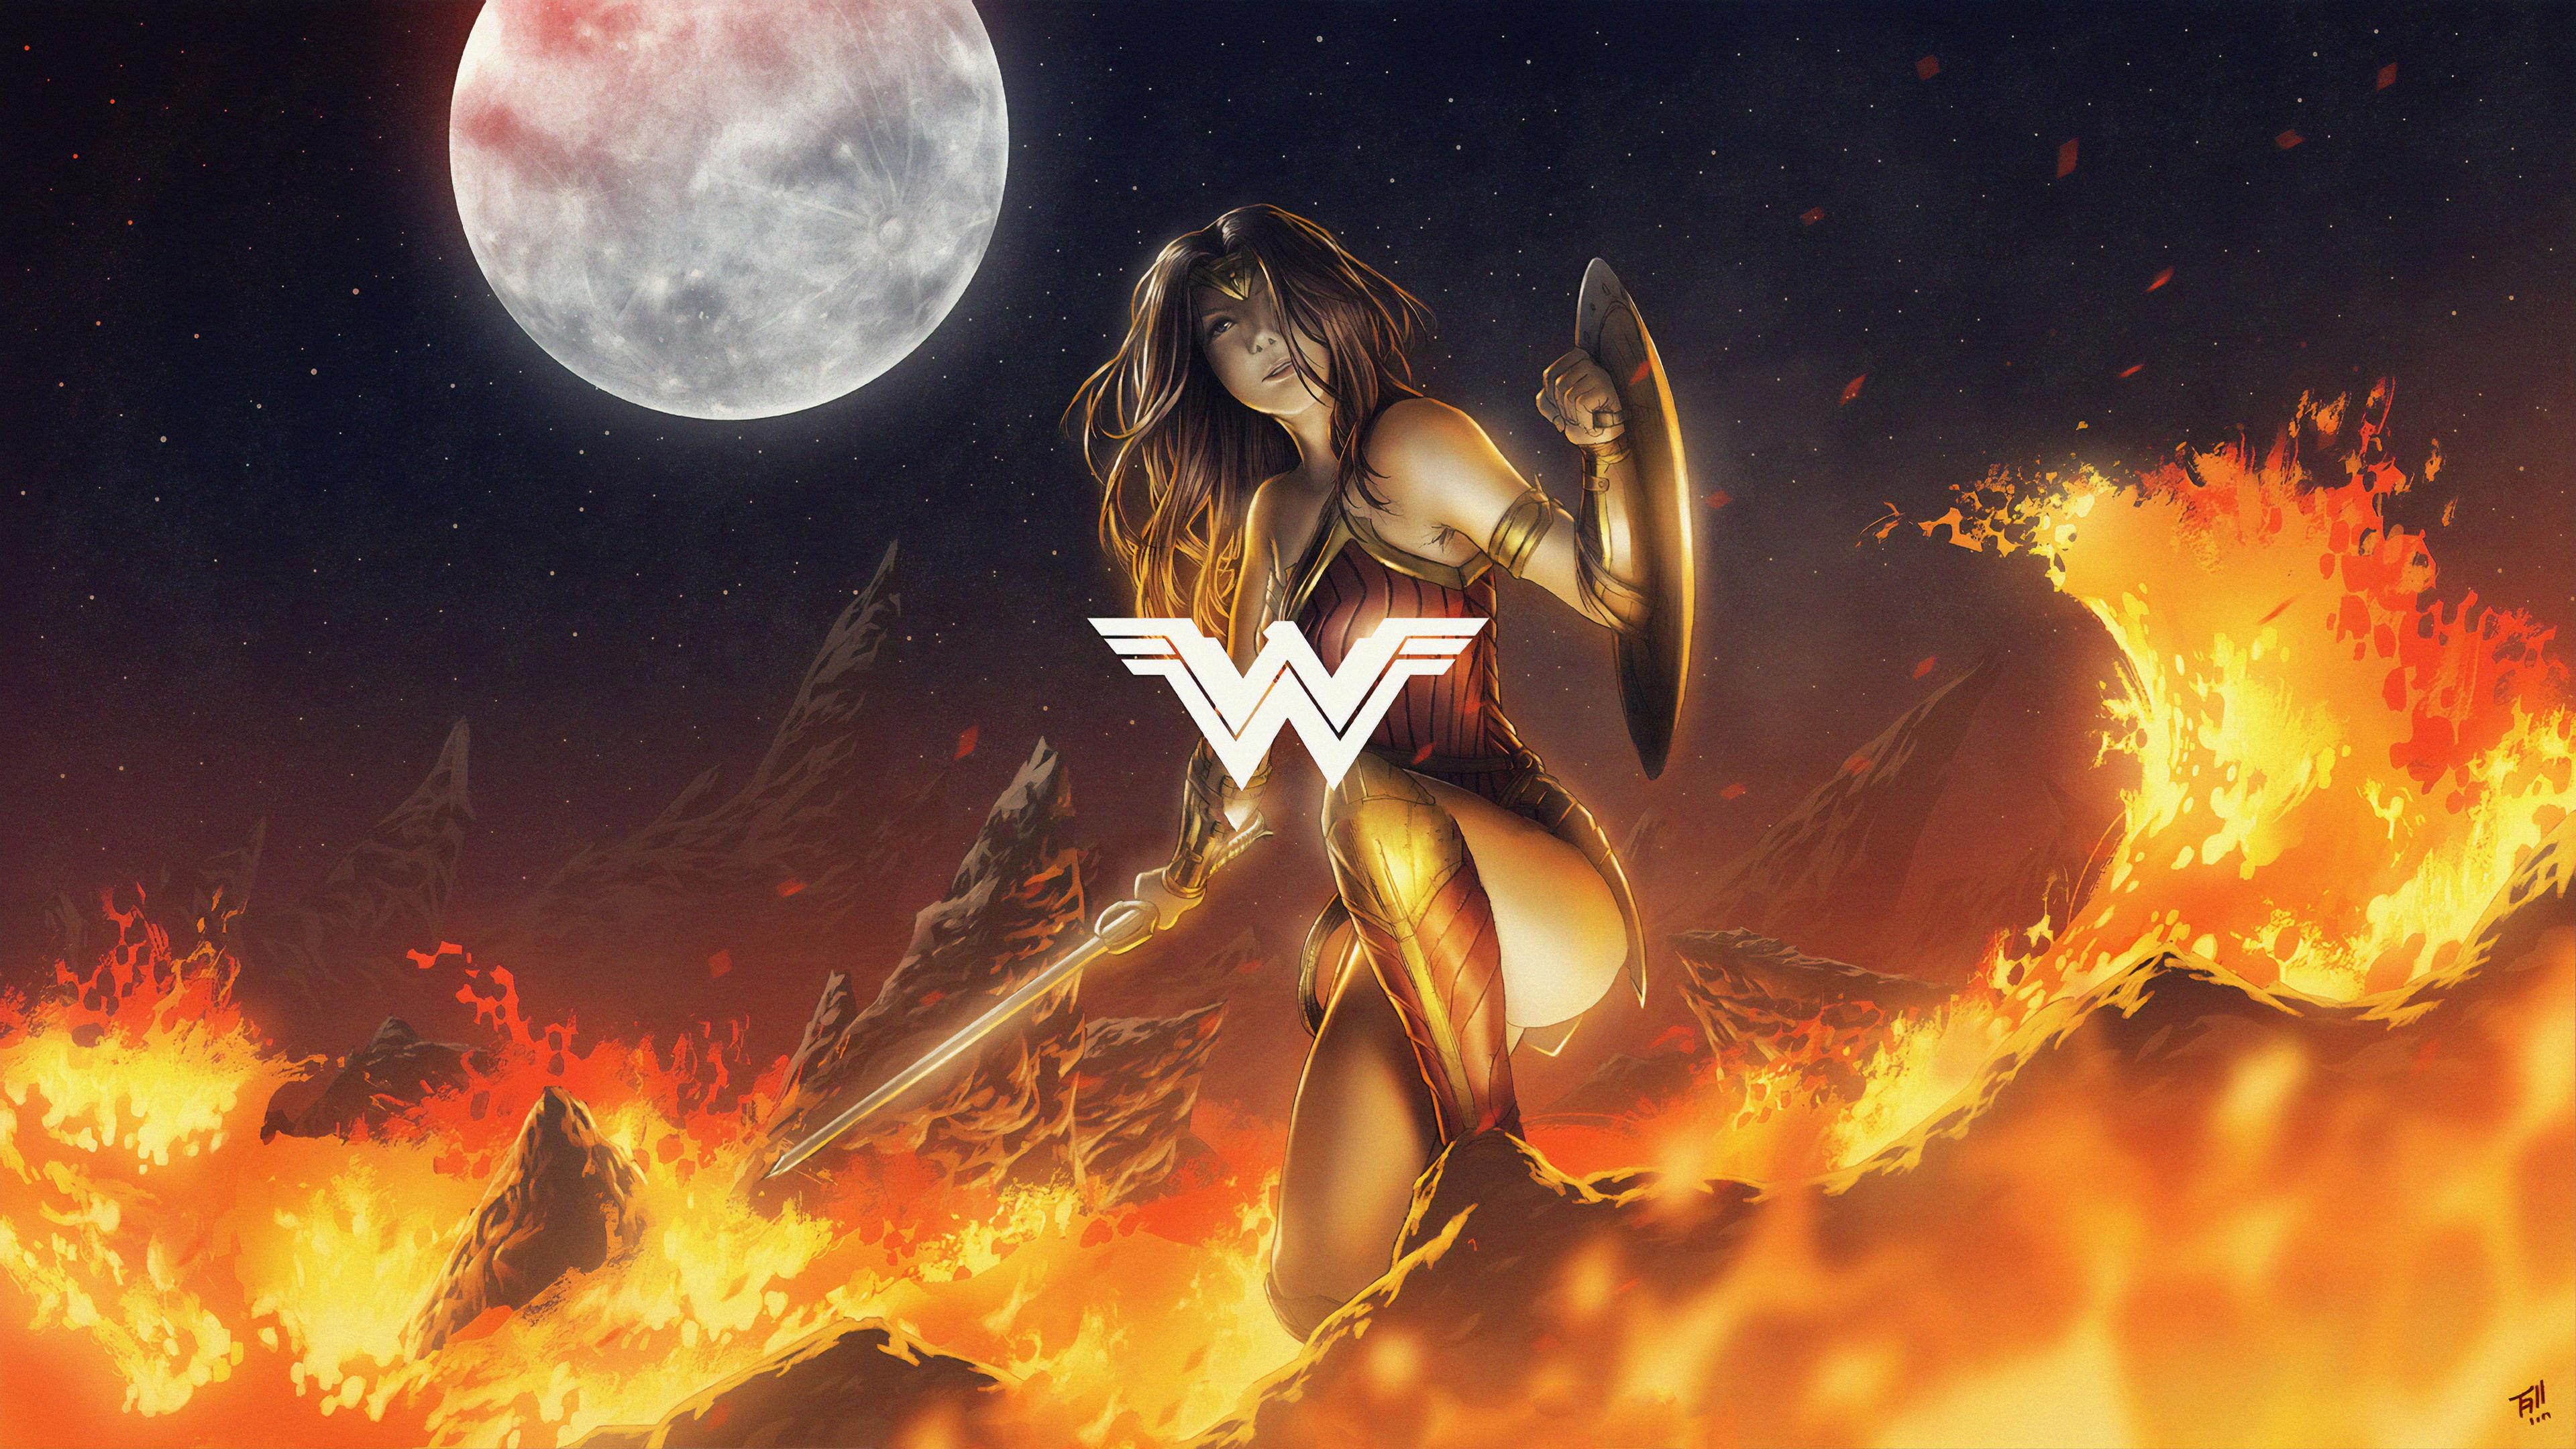 wonder woman 1563220143 - Wonder Woman - wonder woman wallpapers, superheroes wallpapers, hd-wallpapers, digital art wallpapers, artwork wallpapers, 4k-wallpapers